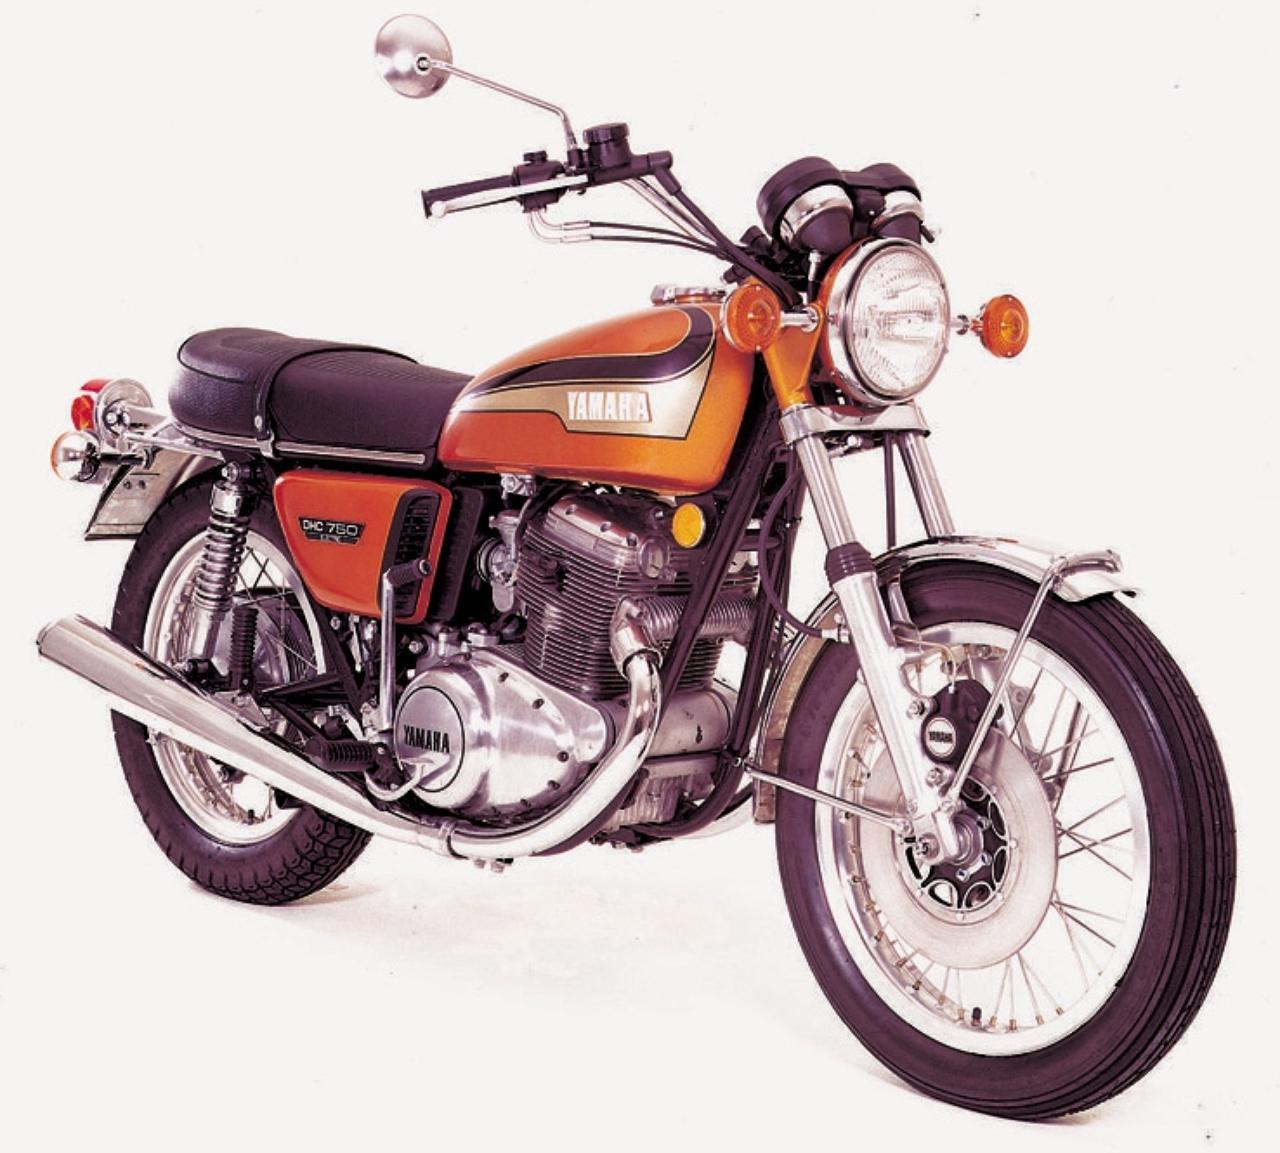 画像: CBに続けといわんばかりに各メーカーも750ccを登場させていた70年代前半、それぞれエンジンは独自の構造で勝負していた。均質化された現在のバイクより個性豊かとも言えるし、模索していた時代だったのである。 写真は、YAMAHA TX750 1972。スリムで警戒というコンセプトはヤマハ4スト第1号車であるXS-1と同じだが、10馬力アップの心臓部にはカウンターバランサーを組み込み、スポーツユースに対応。豪快な乗り味と排気音が魅力だった。当時価格:38万5000円/©モーターマガジン社